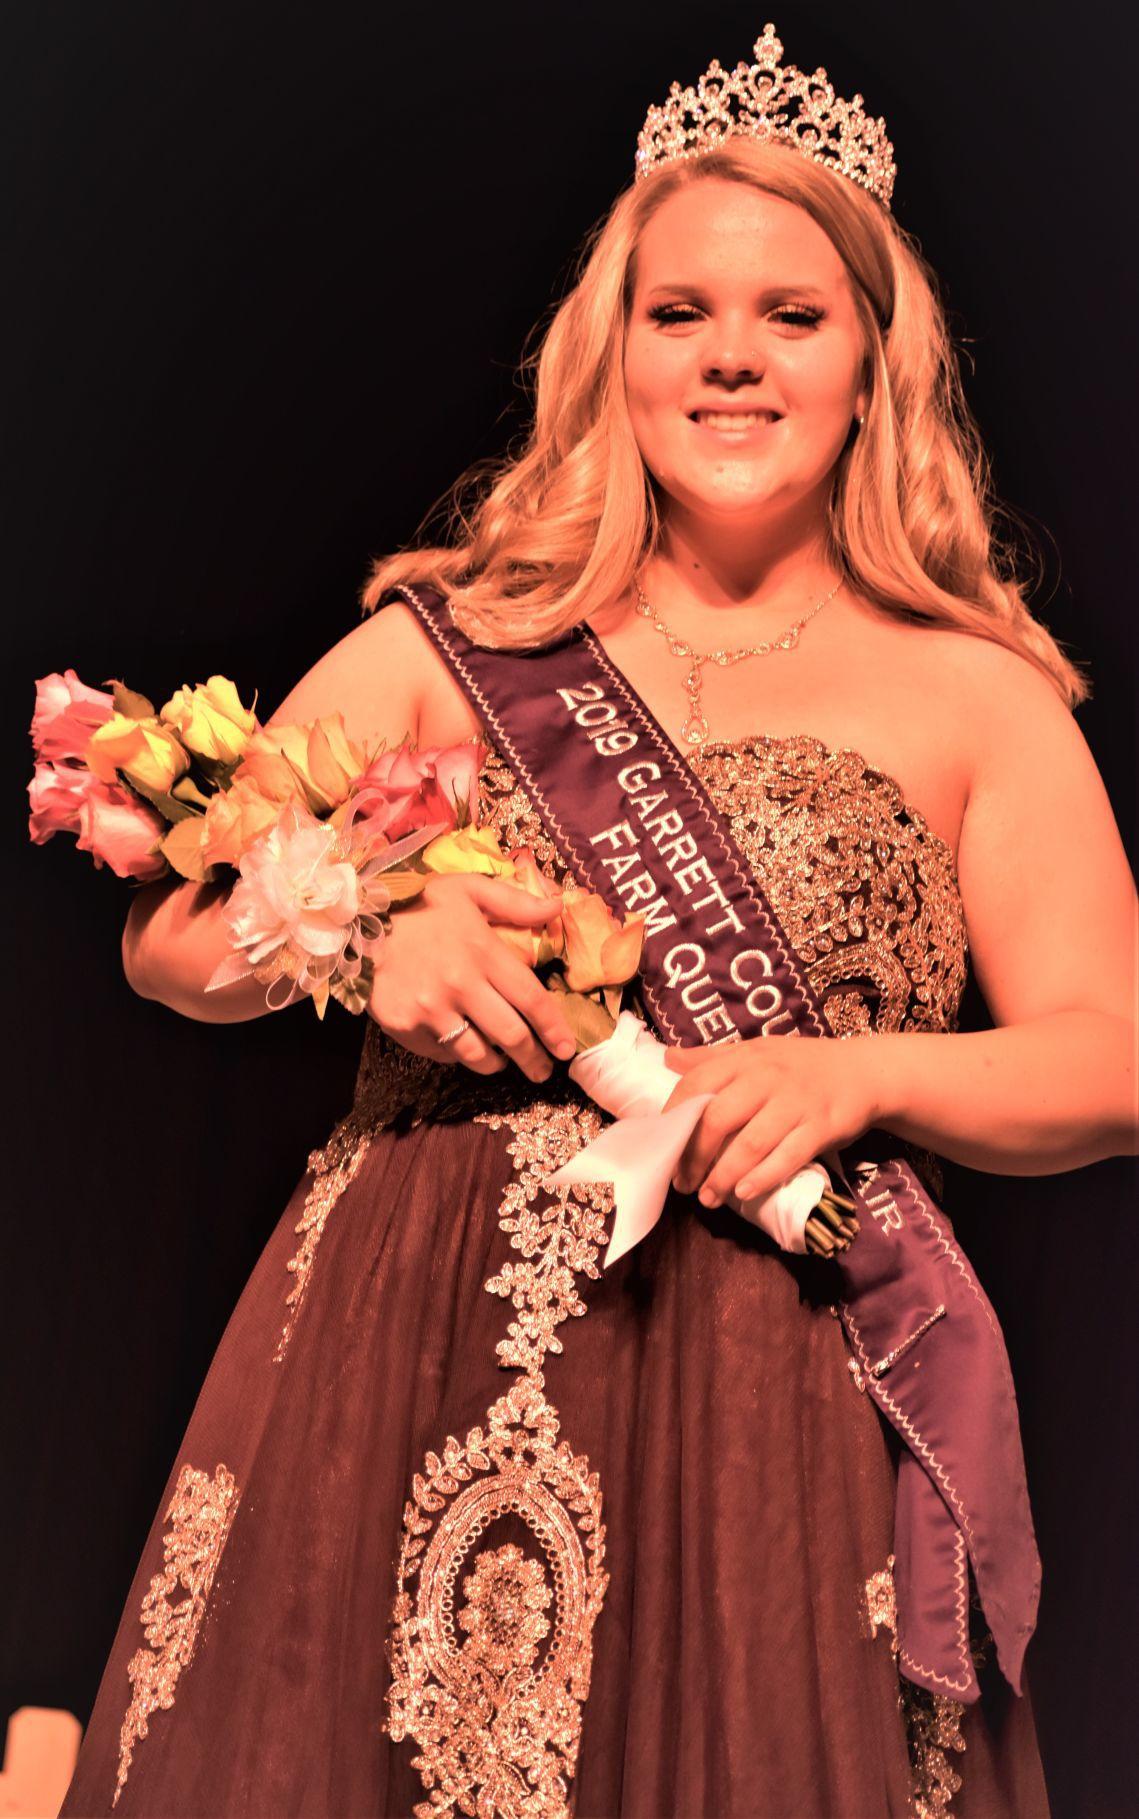 Lowdermilk chosen as 2019 Garrett County Farm Queen | News